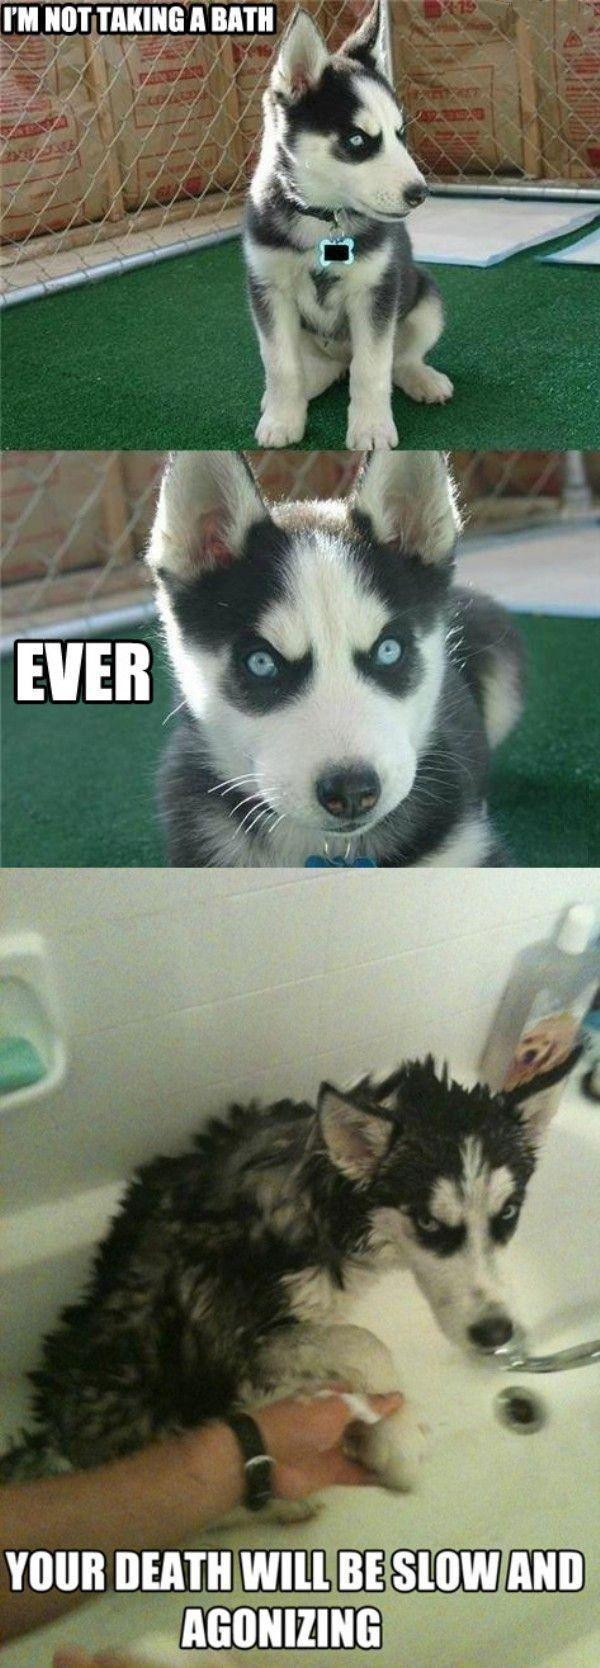 im not taking a bath